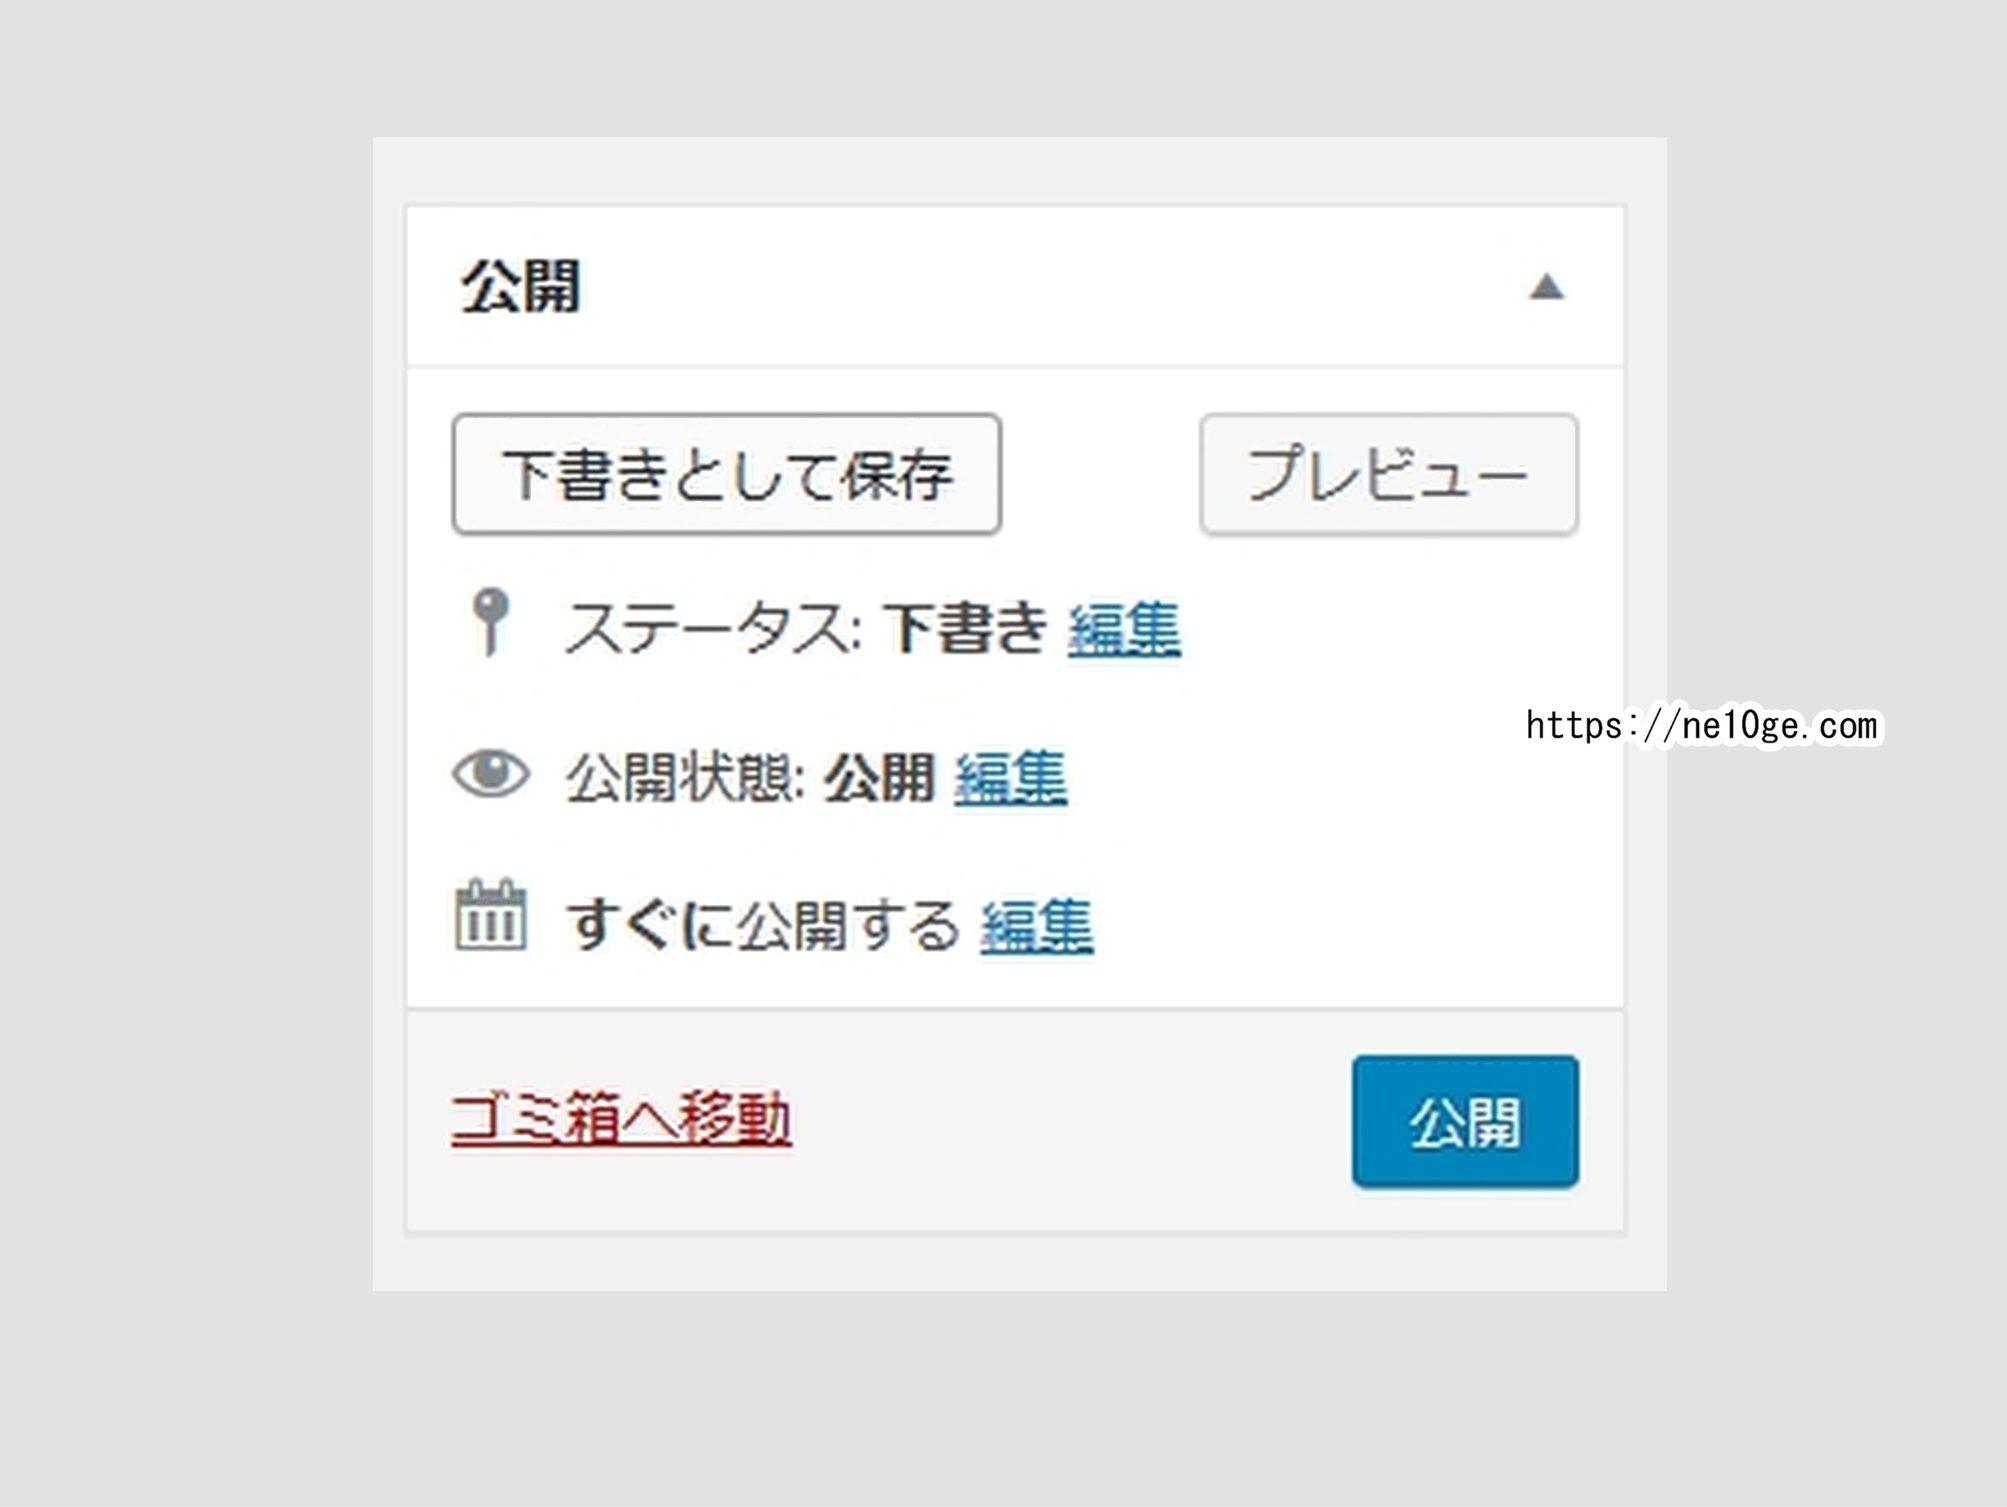 HTTPエラーの時は、ワードプレスの下書きを更新もしくは公開して投稿する